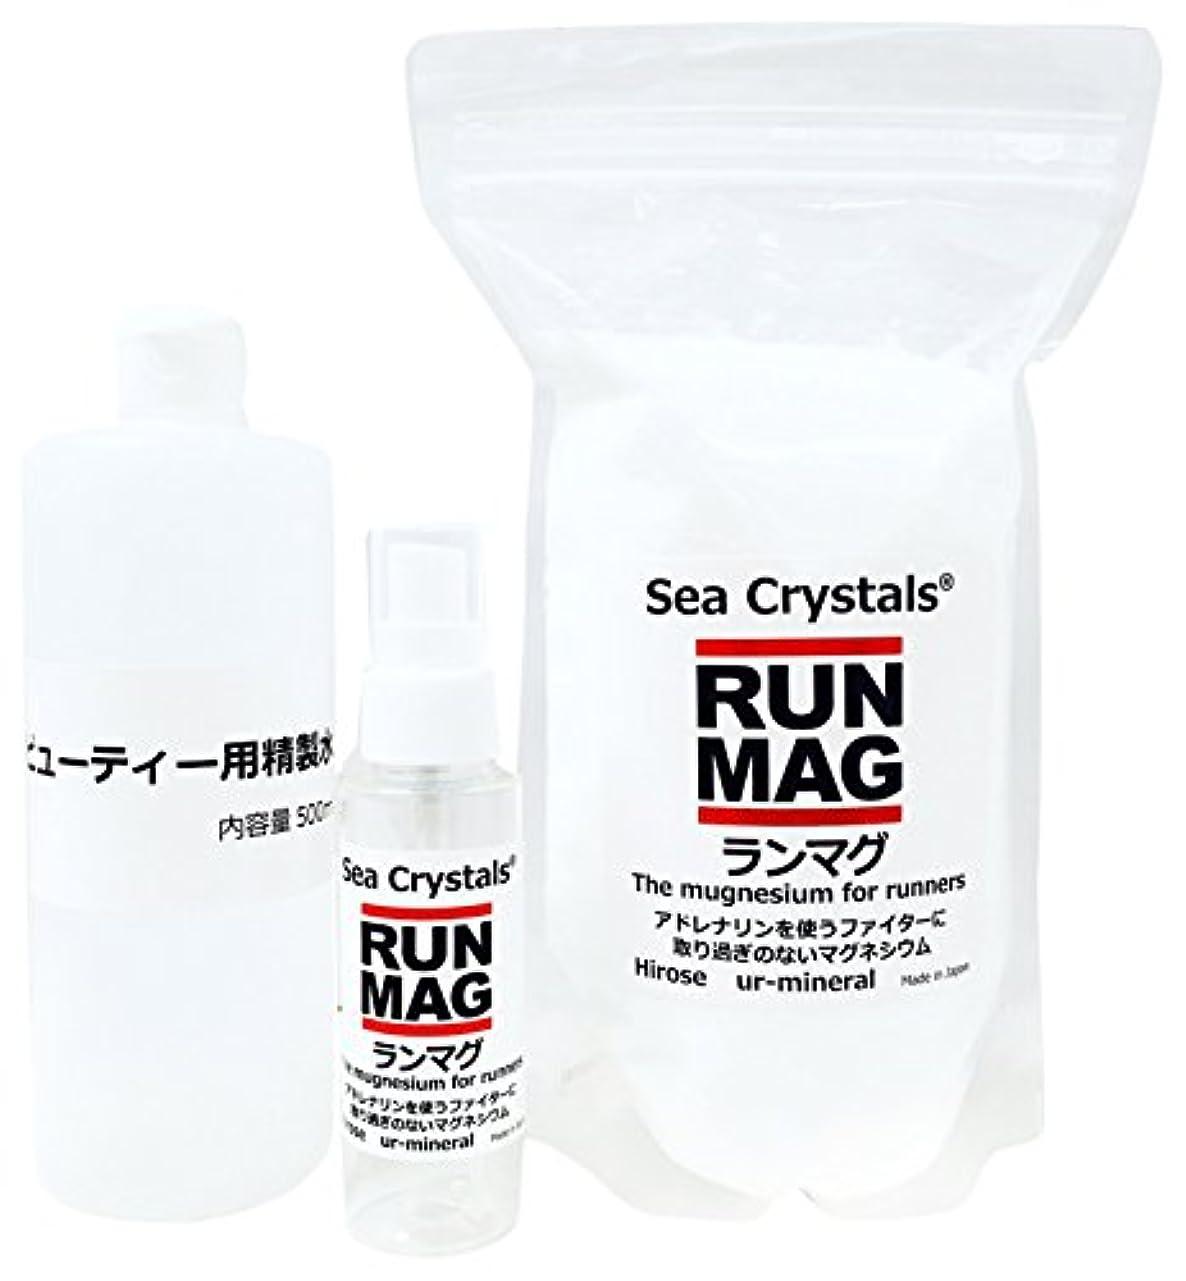 言い直す粉砕する地下室ランマグ?マグネシウムオイル 500g 化粧品登録 日本製 1日マグネシウム360mg使用  精製水付き